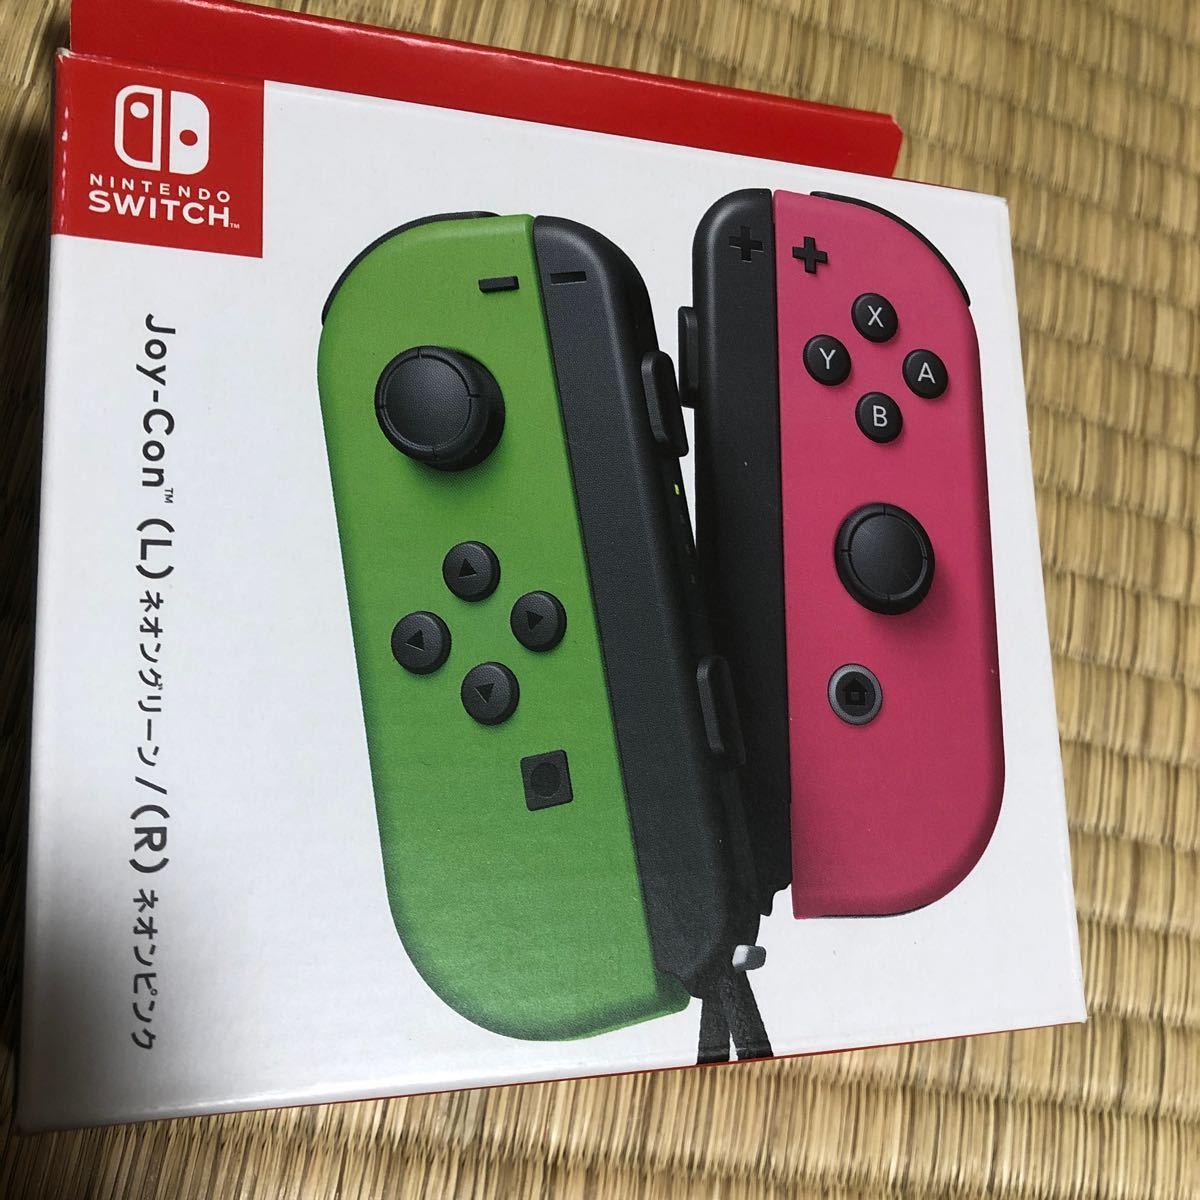 ネオンピンク ネオングリーン Nintendo Switch Joy-Con ジョイコン